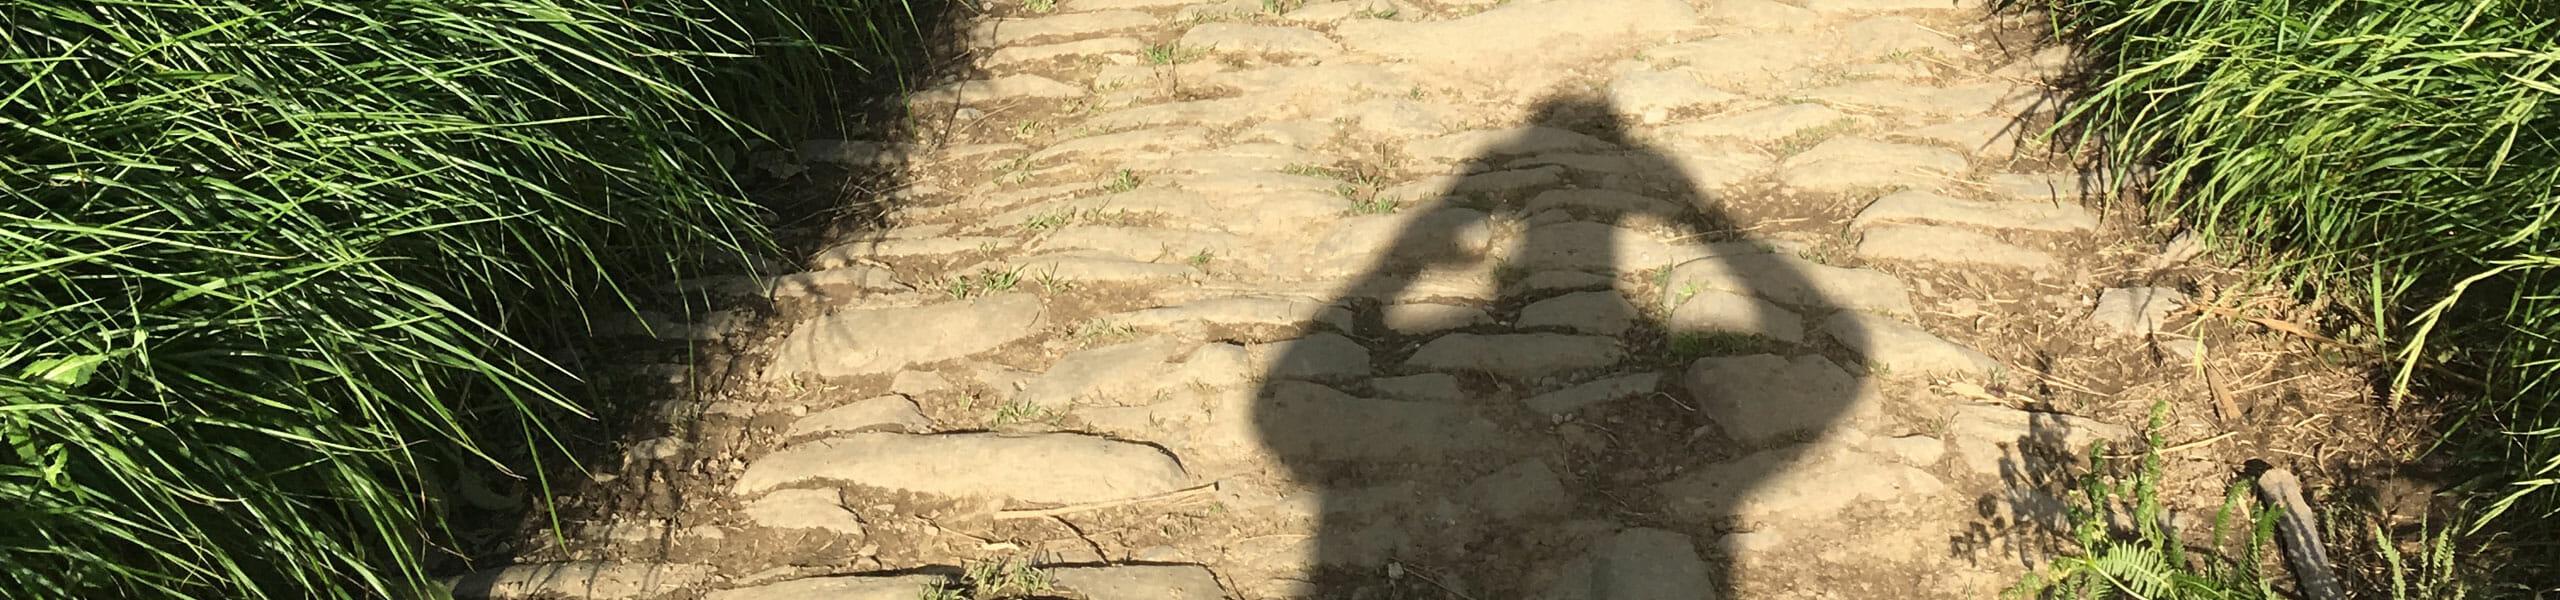 Dieses Einstiegsbild der HelloWorld-Kategorie Galerie zeigt den Schatten von einem Mann, der fotografiert, vor ihm große Pflastersteine, gesäumt von grünem Gras.